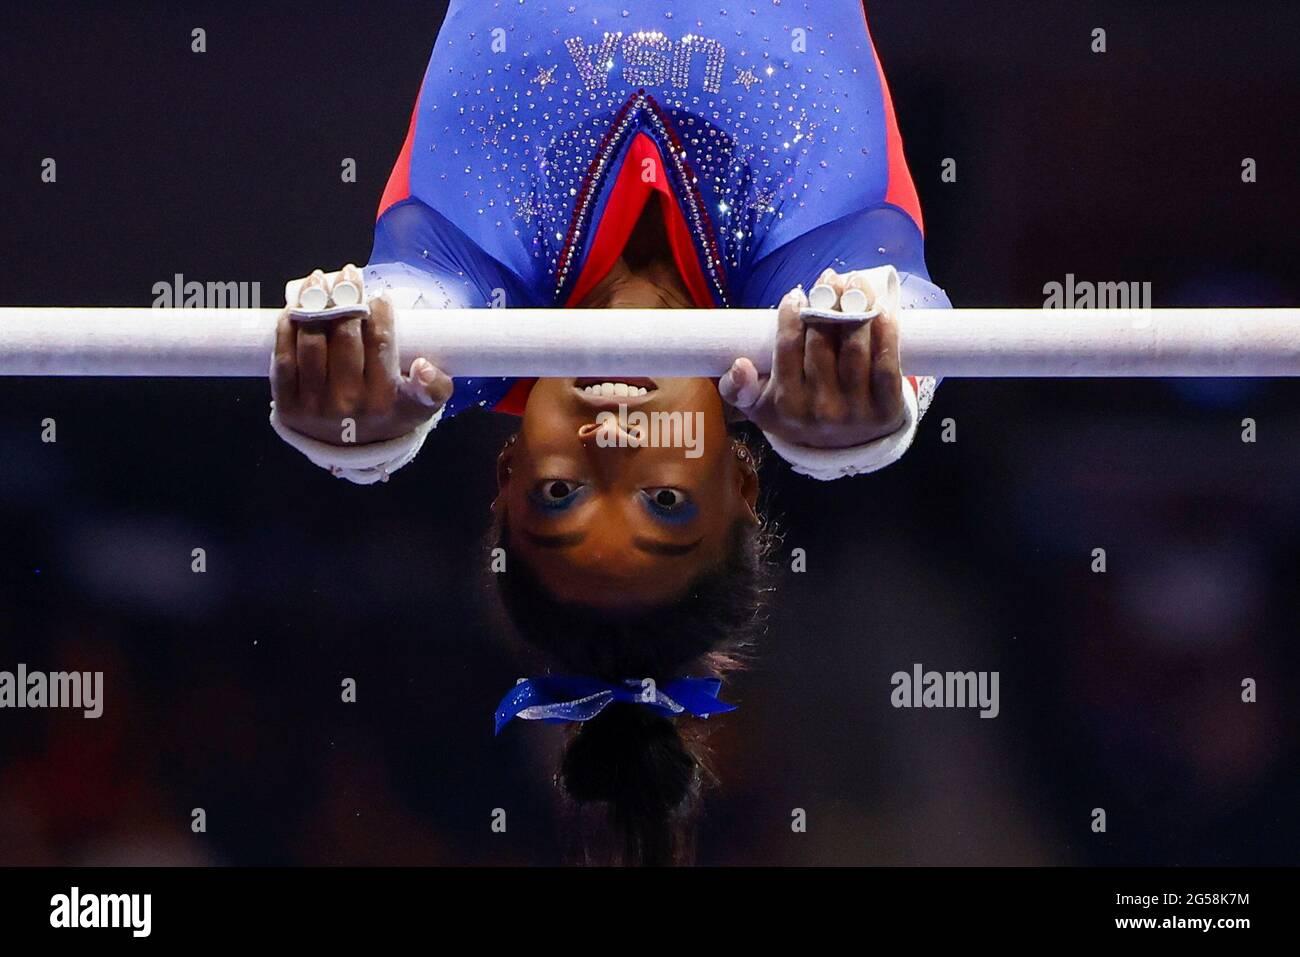 Simone Biles tritt auf den unebenen Gittern auf, während sie an den U.S. Women's Olympic Gymnastics Trials in St. Louis , Missouri, USA, 25. Juni 2021, antritt. REUTERS/Lindsey Wasson Stockfoto